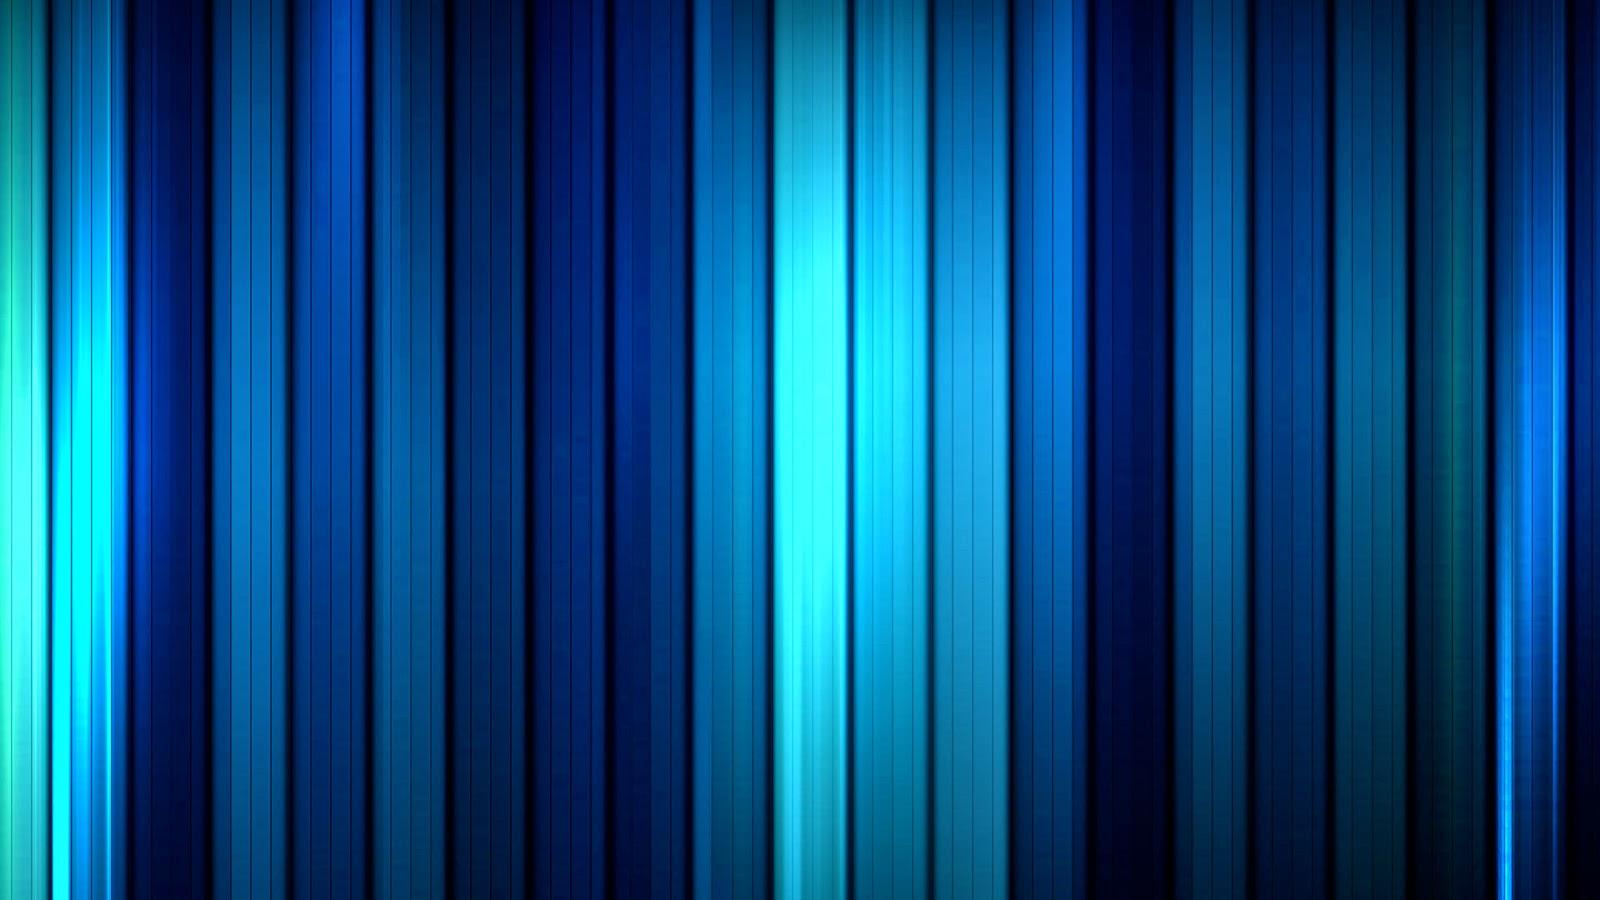 Fondo De Pantalla Abstracto Bolas Azules: Colores Abstractos Portada Facebook Portadas Para Facebook